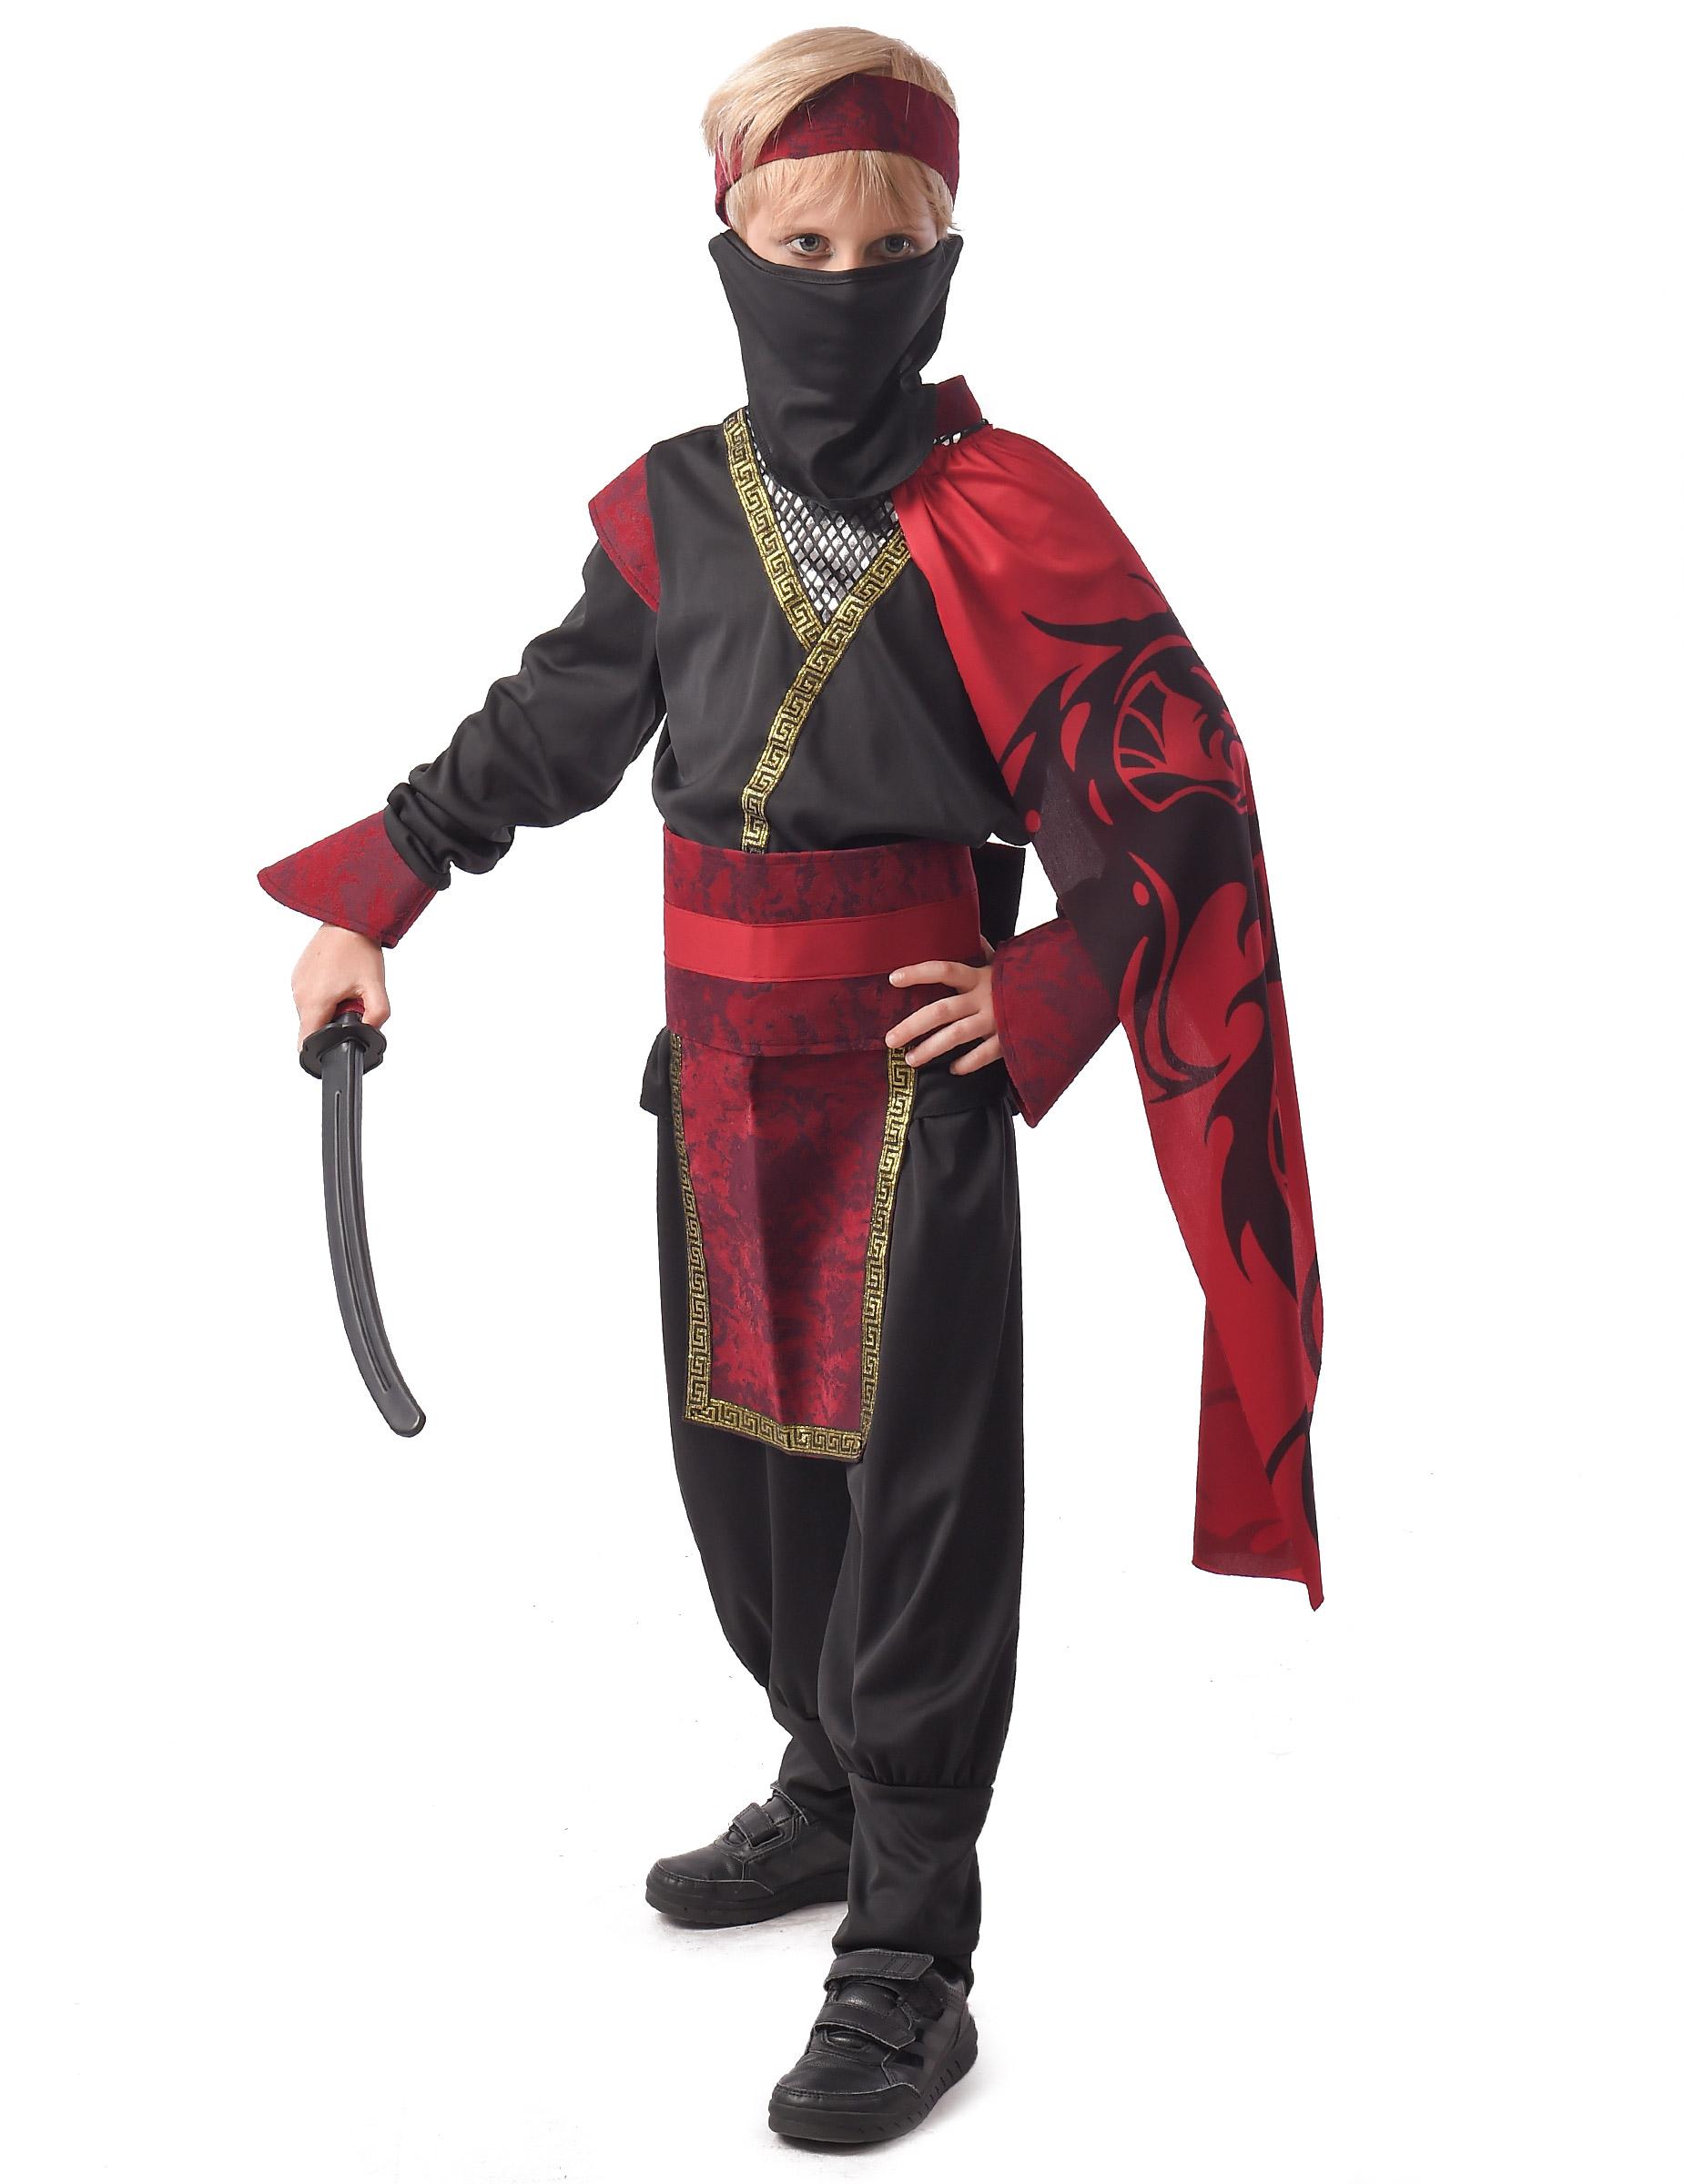 Ninja-Karnevalskostüm für Jungen rot-schwarz - 110/116 (4-6 Jahre) 304085